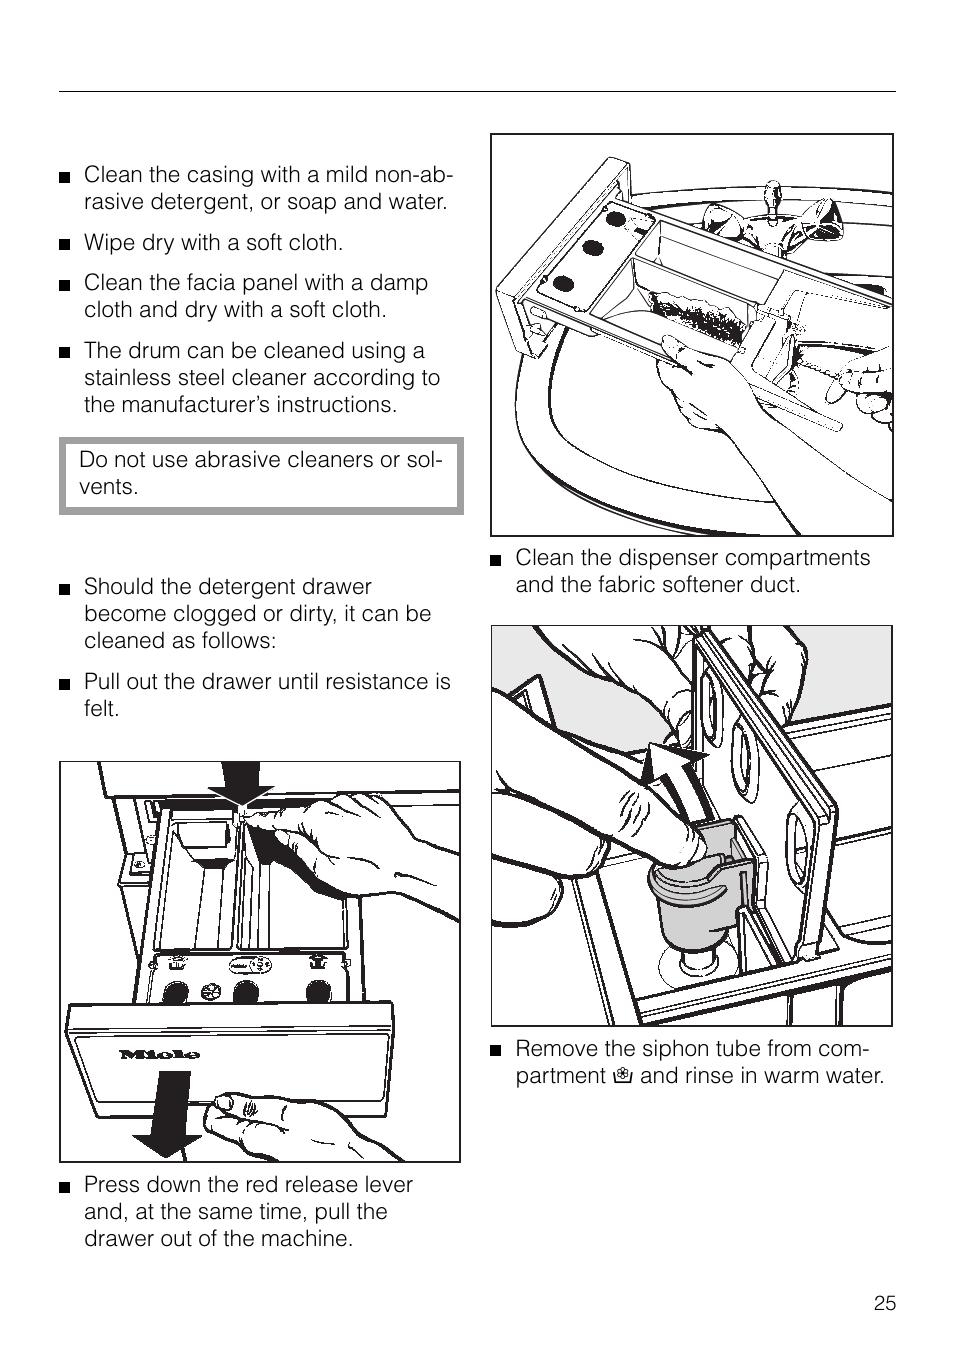 Miele Washing Machine Detergent Drawer